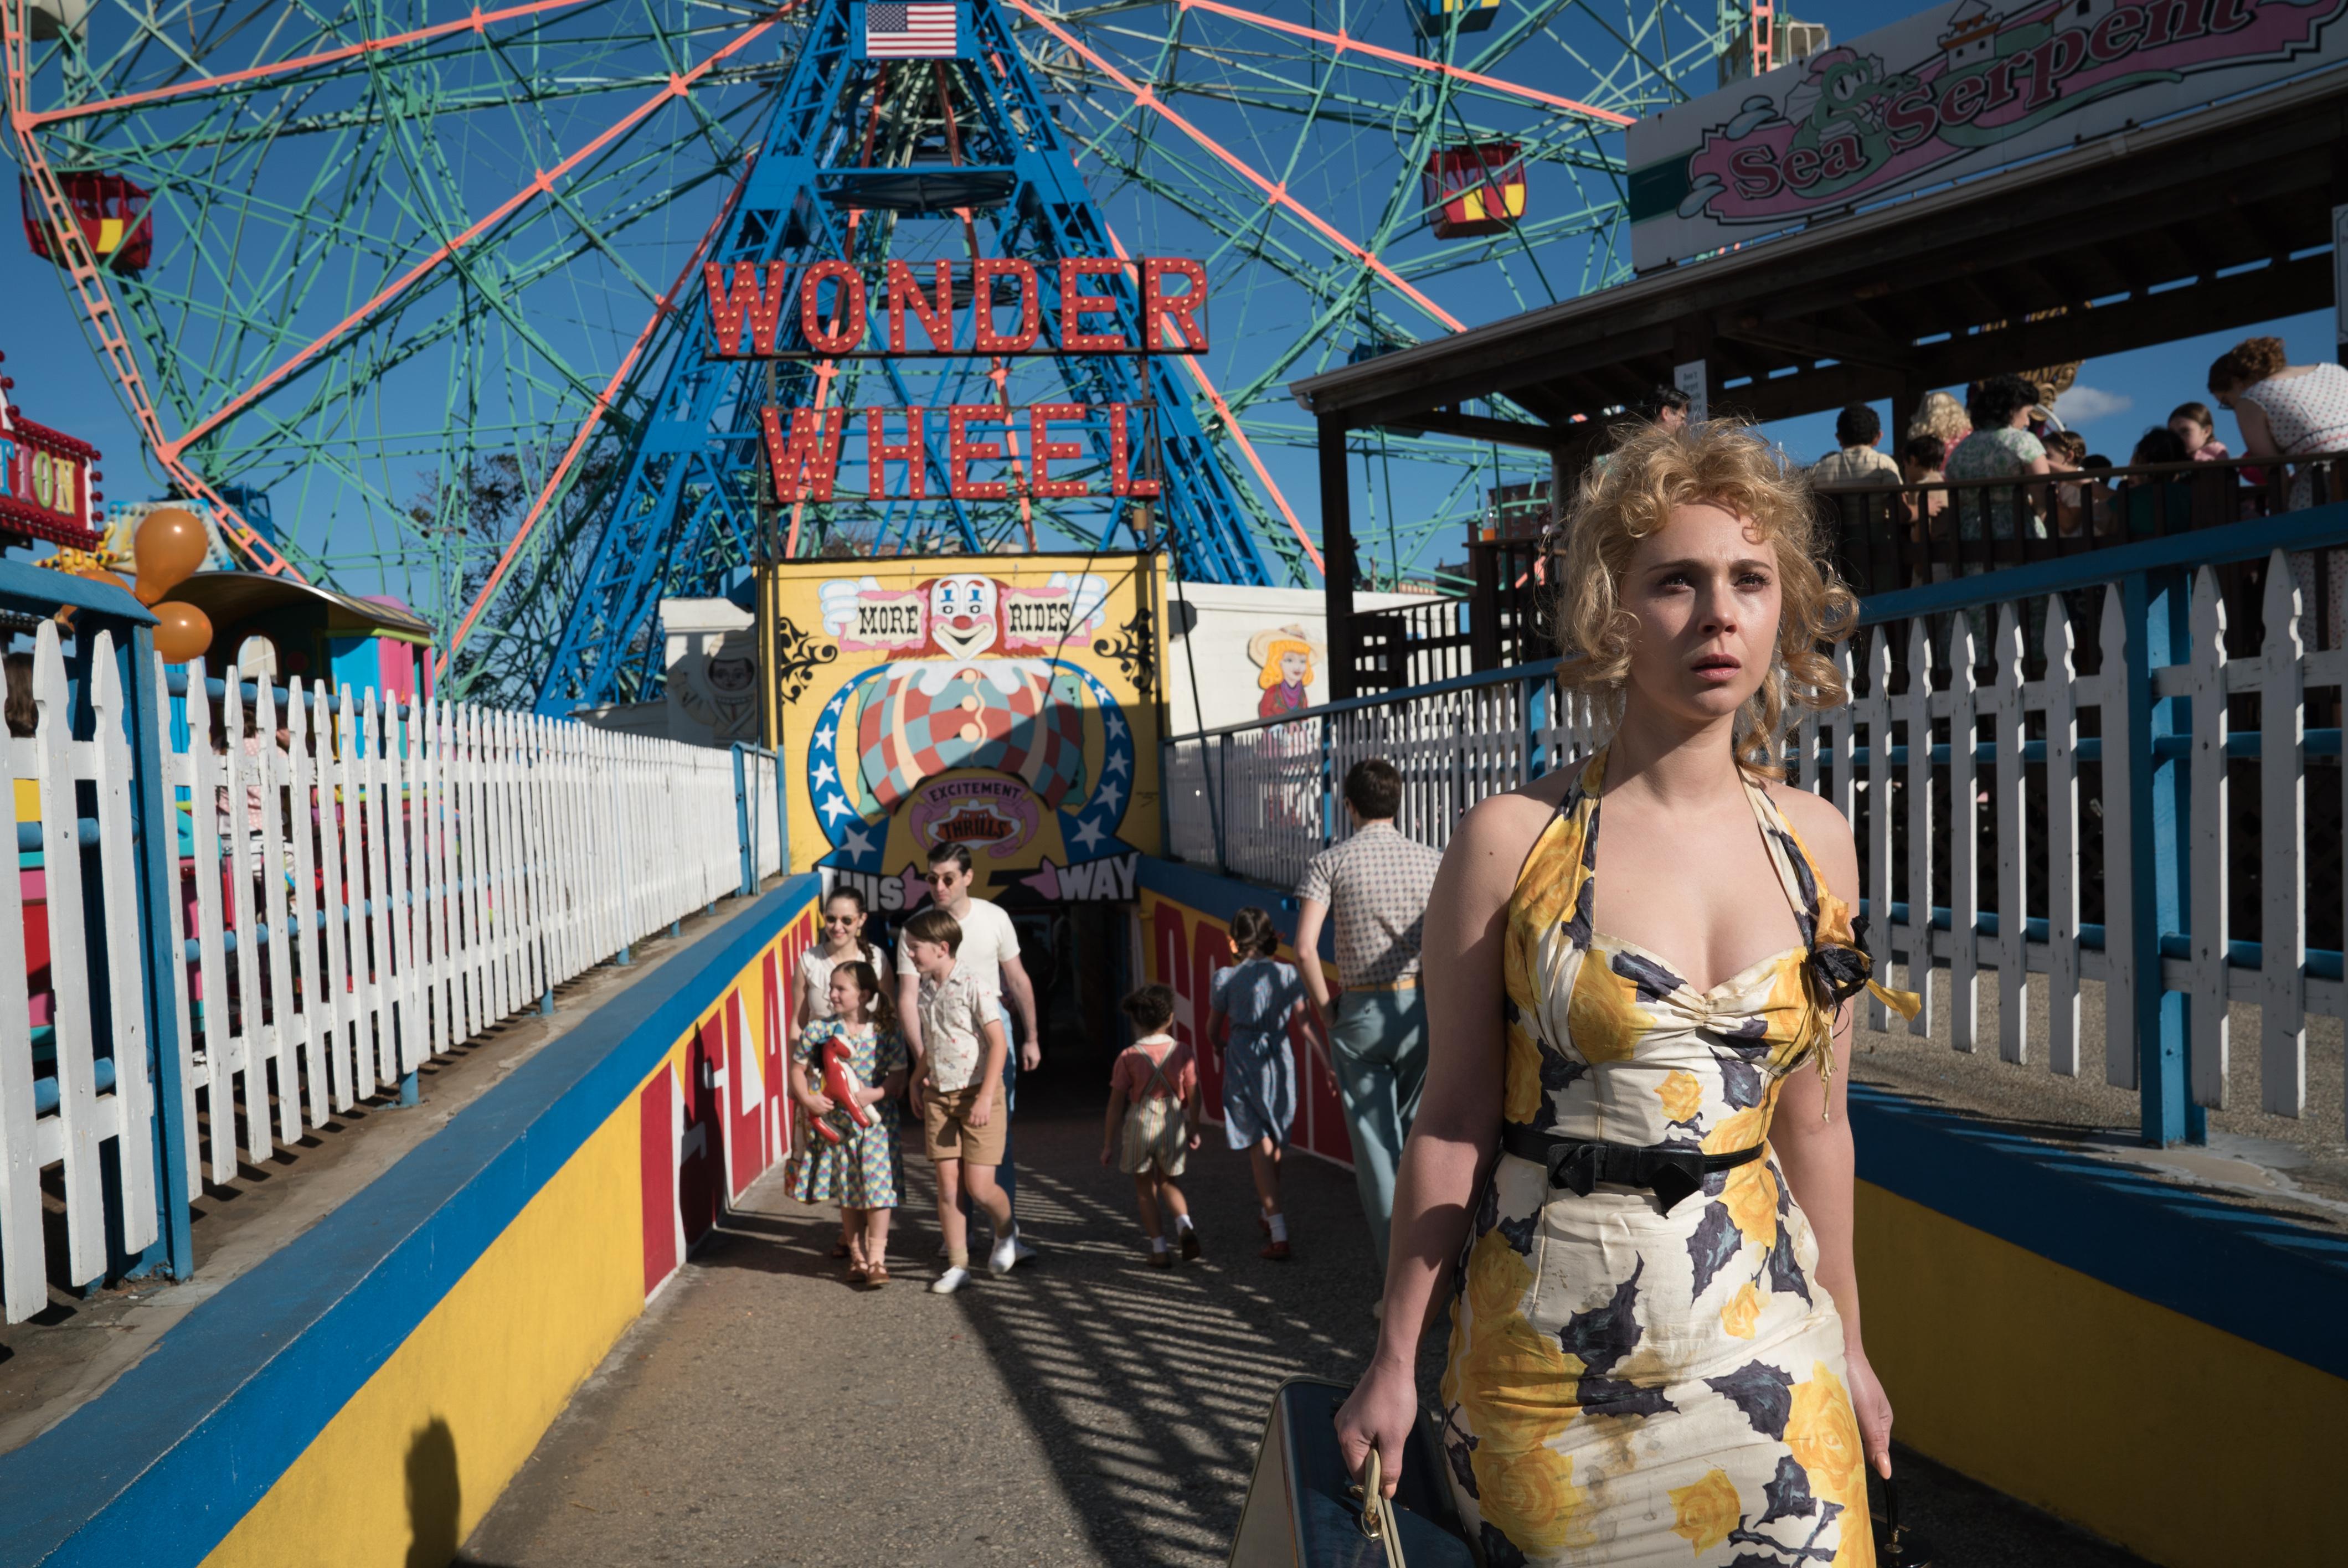 Lunapark (Wonder Wheel)